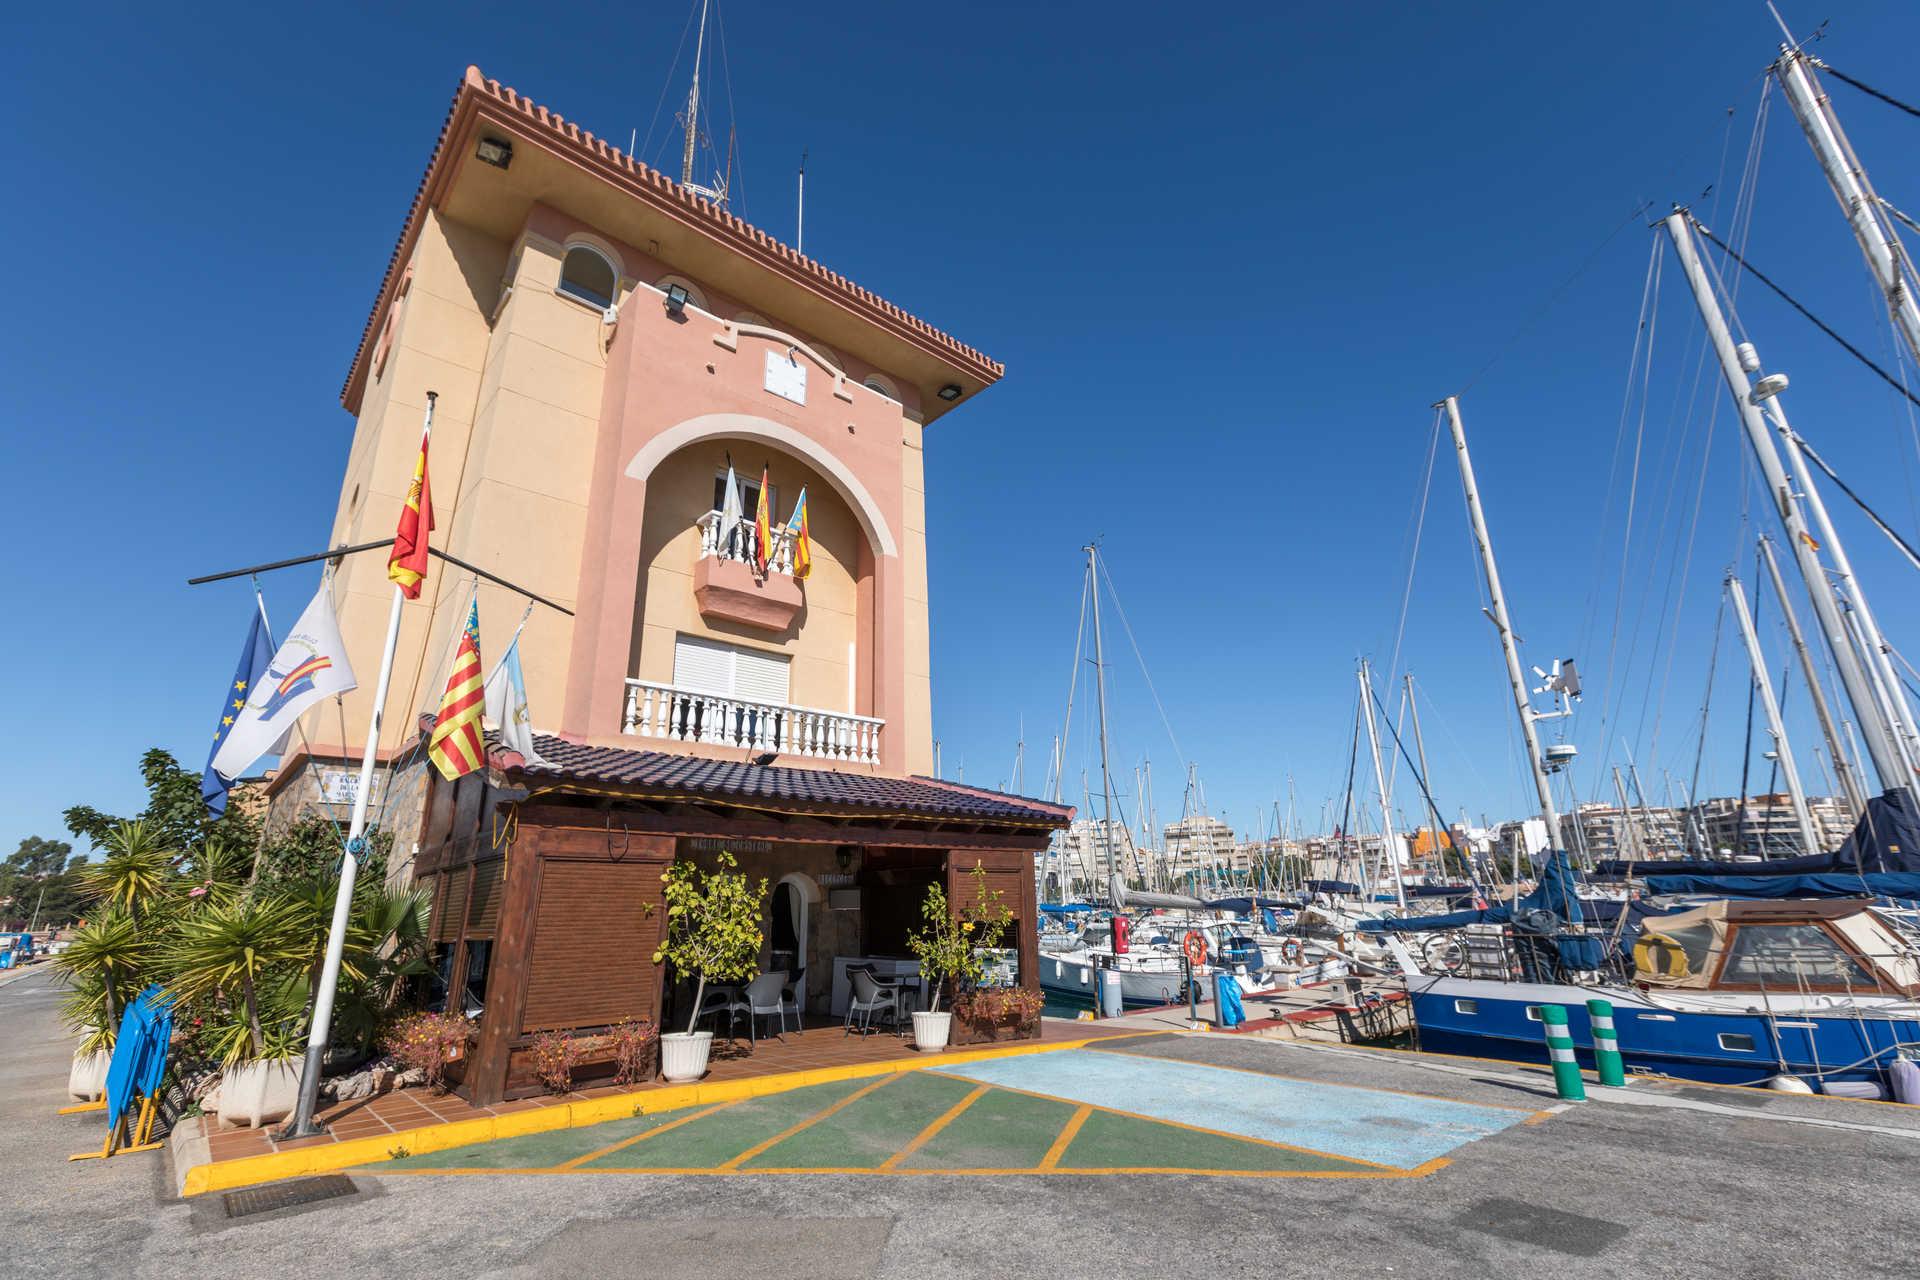 Marina Internacional de Torrevieja